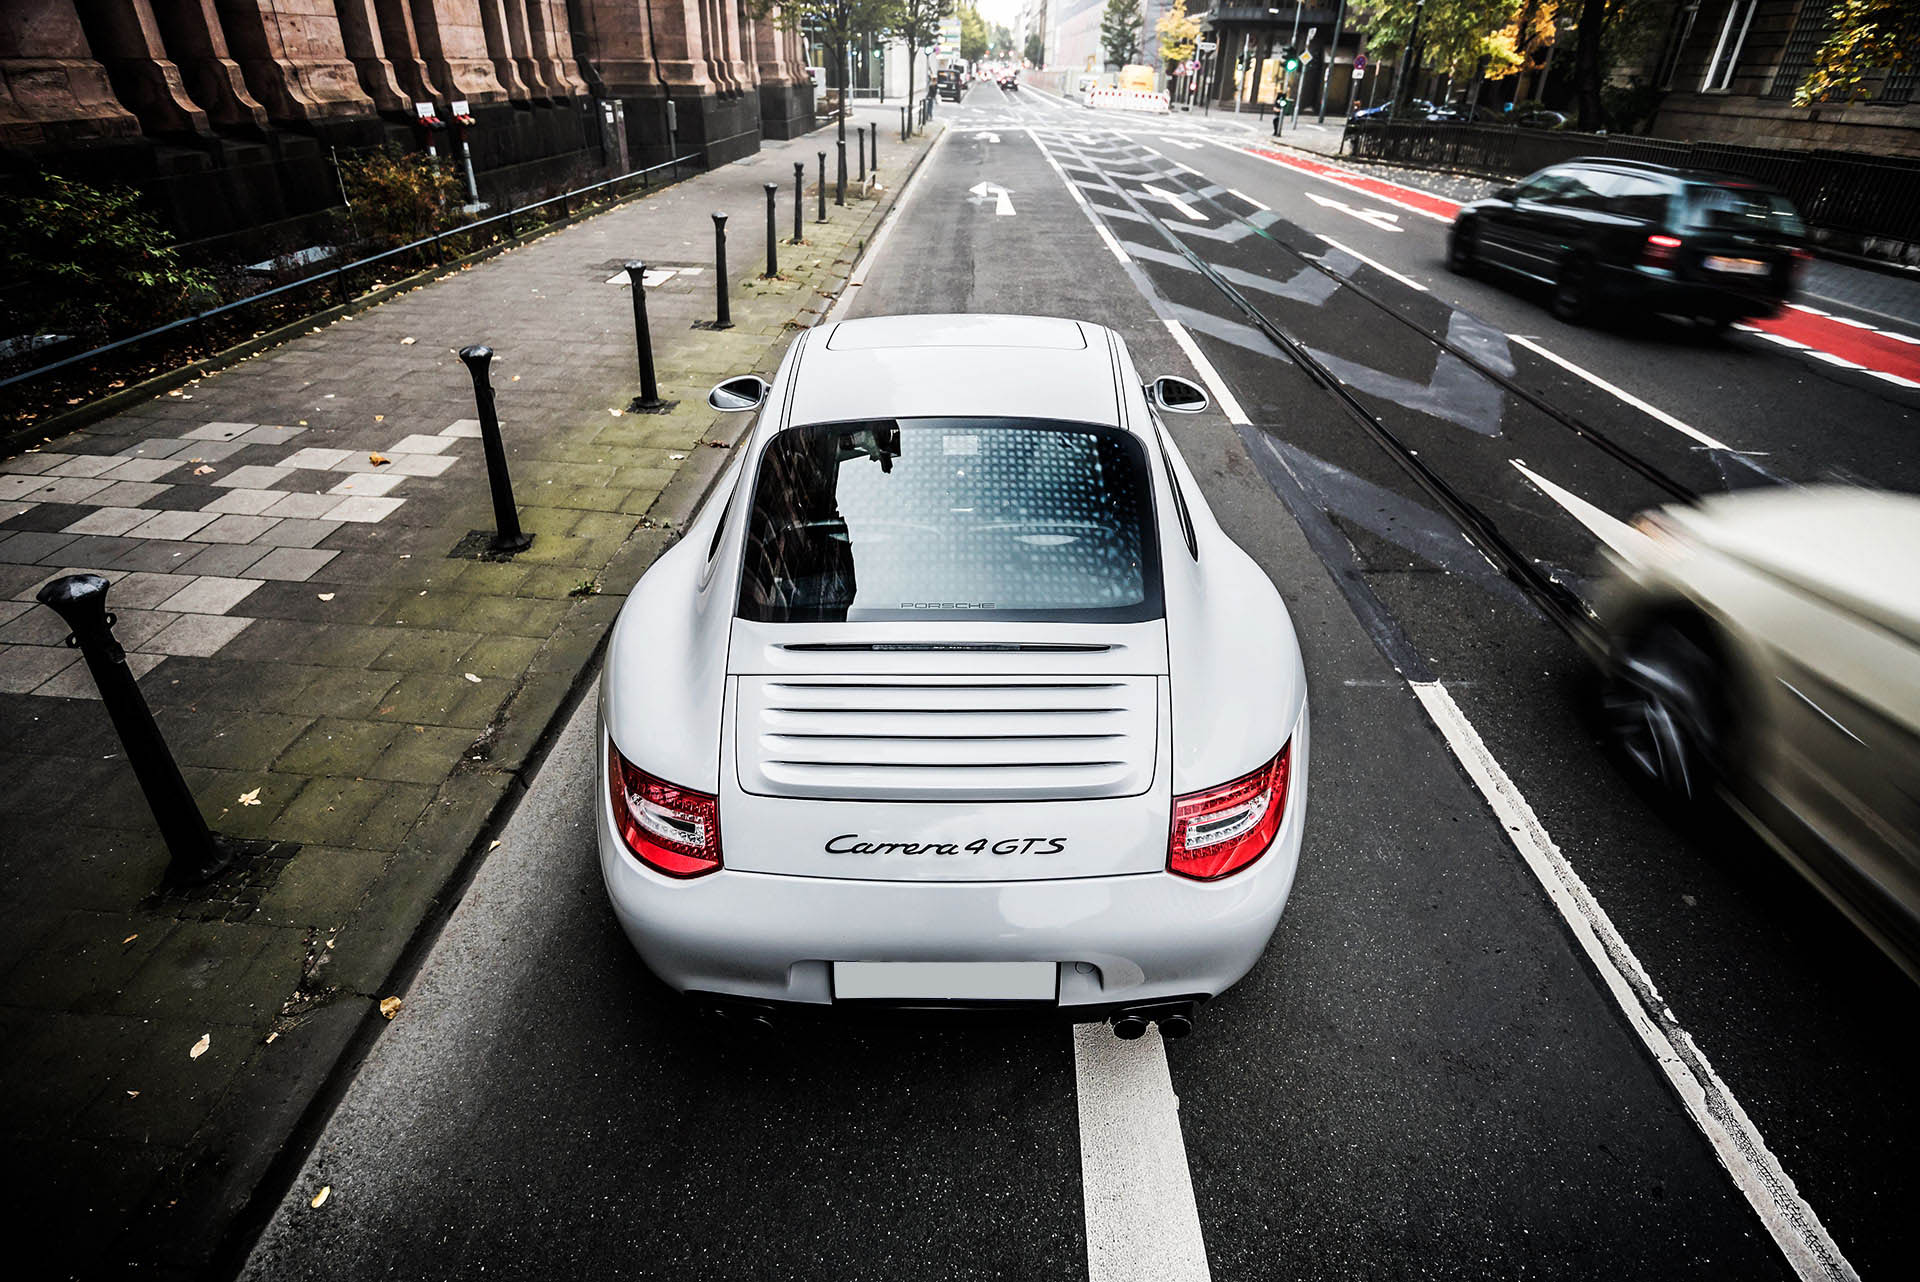 B&K_Sportwagen_Rheinland_GmbH_Porsche_997_4GTS_grau_12